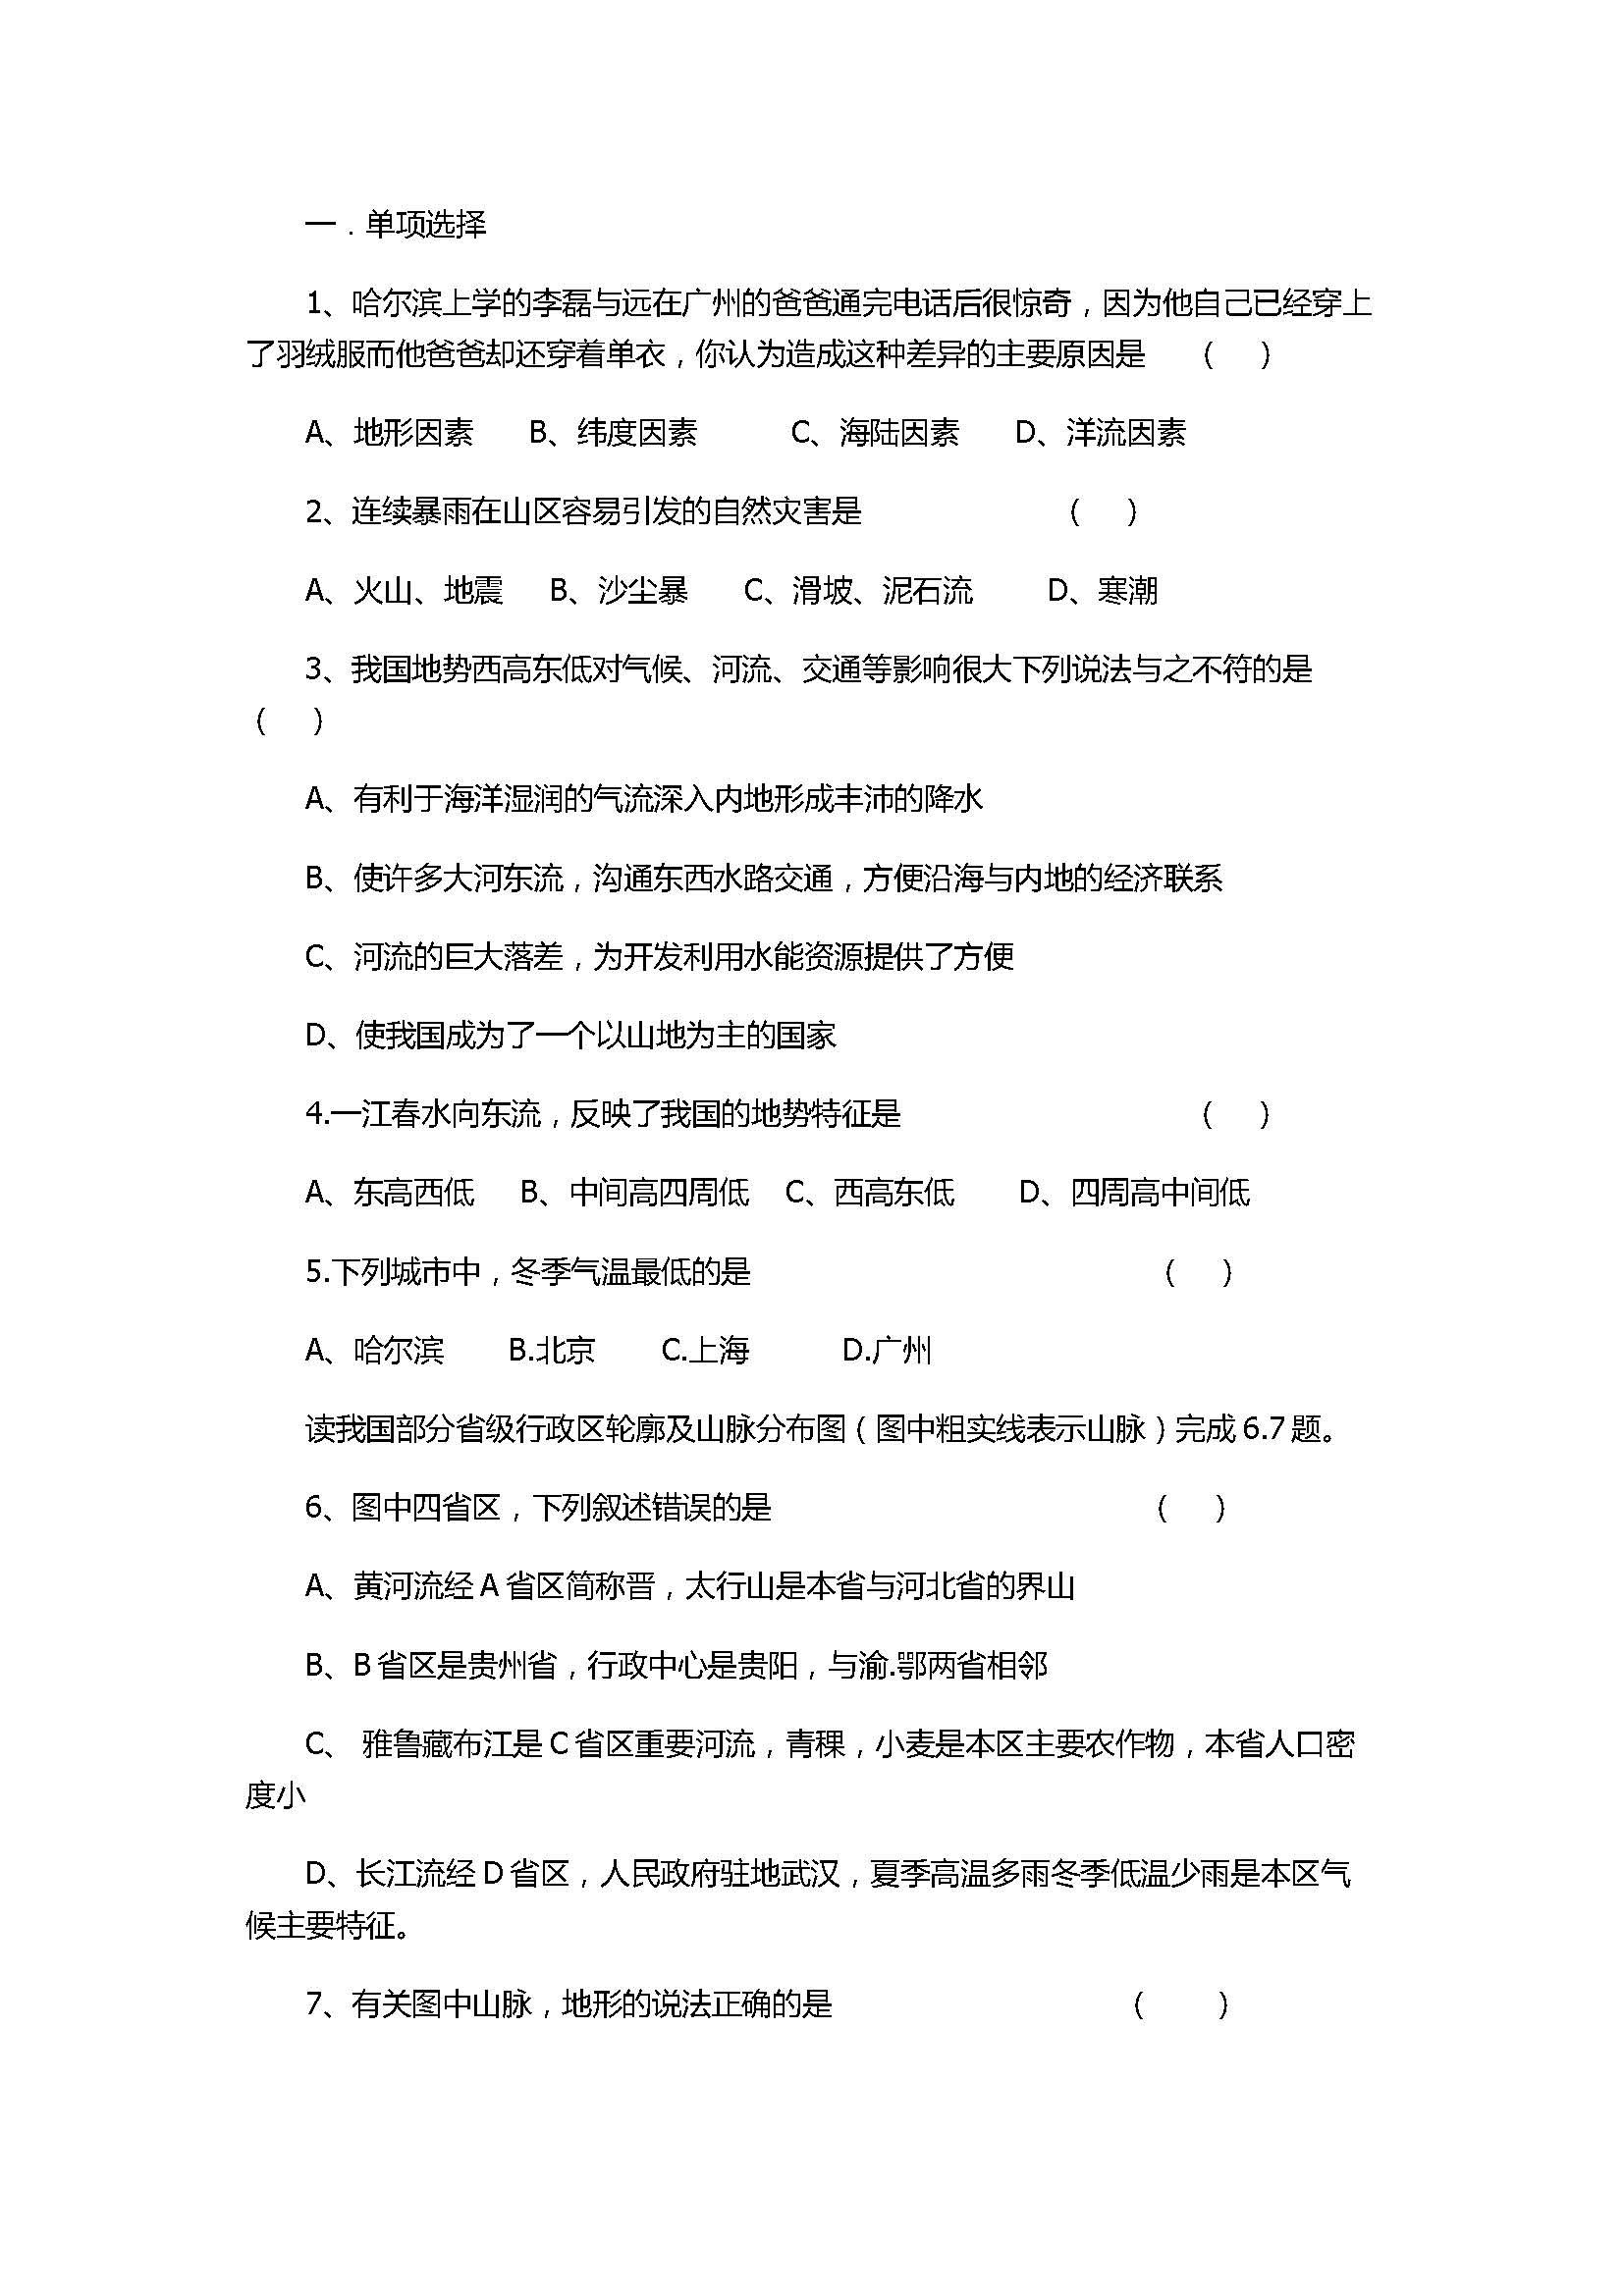 2017八年级地理上册月考测试卷附答案(宁津县实验中学)